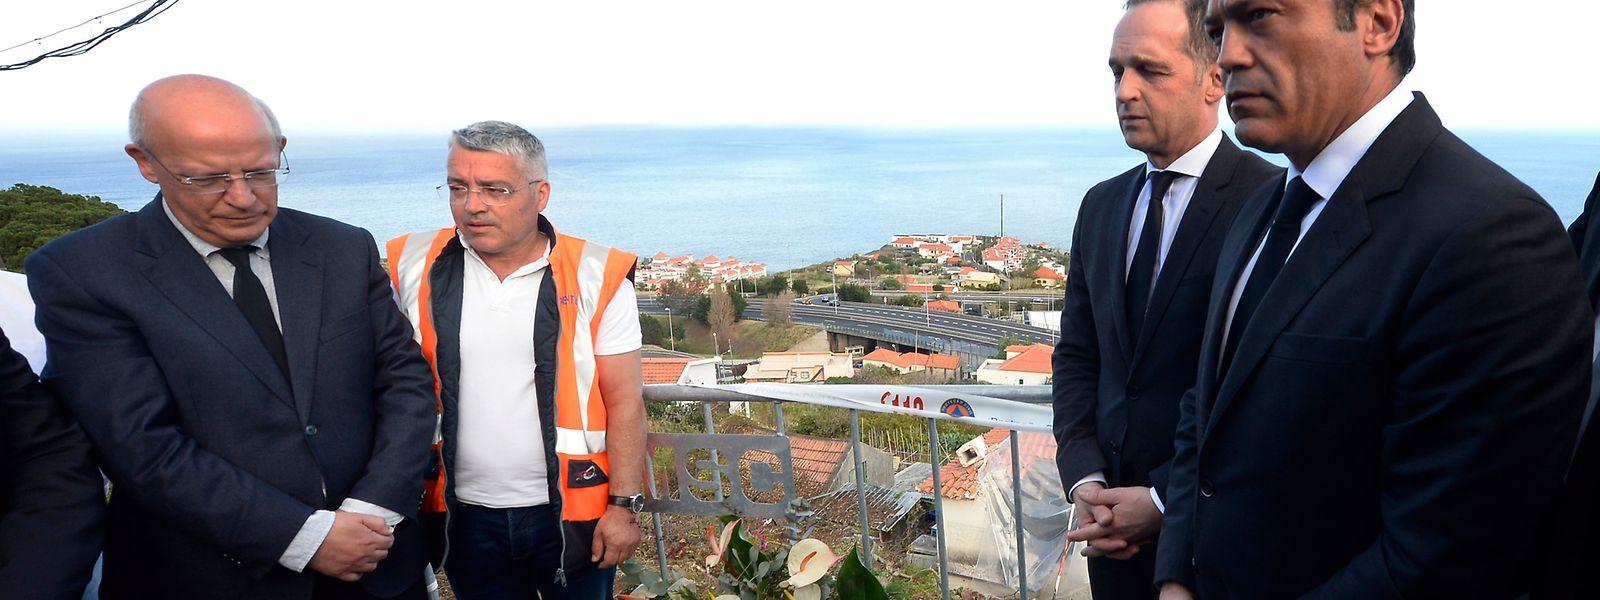 Der deutsche Außenminister Heiko Maas (2.v.r.) und sein portugiesischer Amtskollege Augusto Santos Silva (3.v.r.) legen an der Unglücksstelle Blumen nieder.